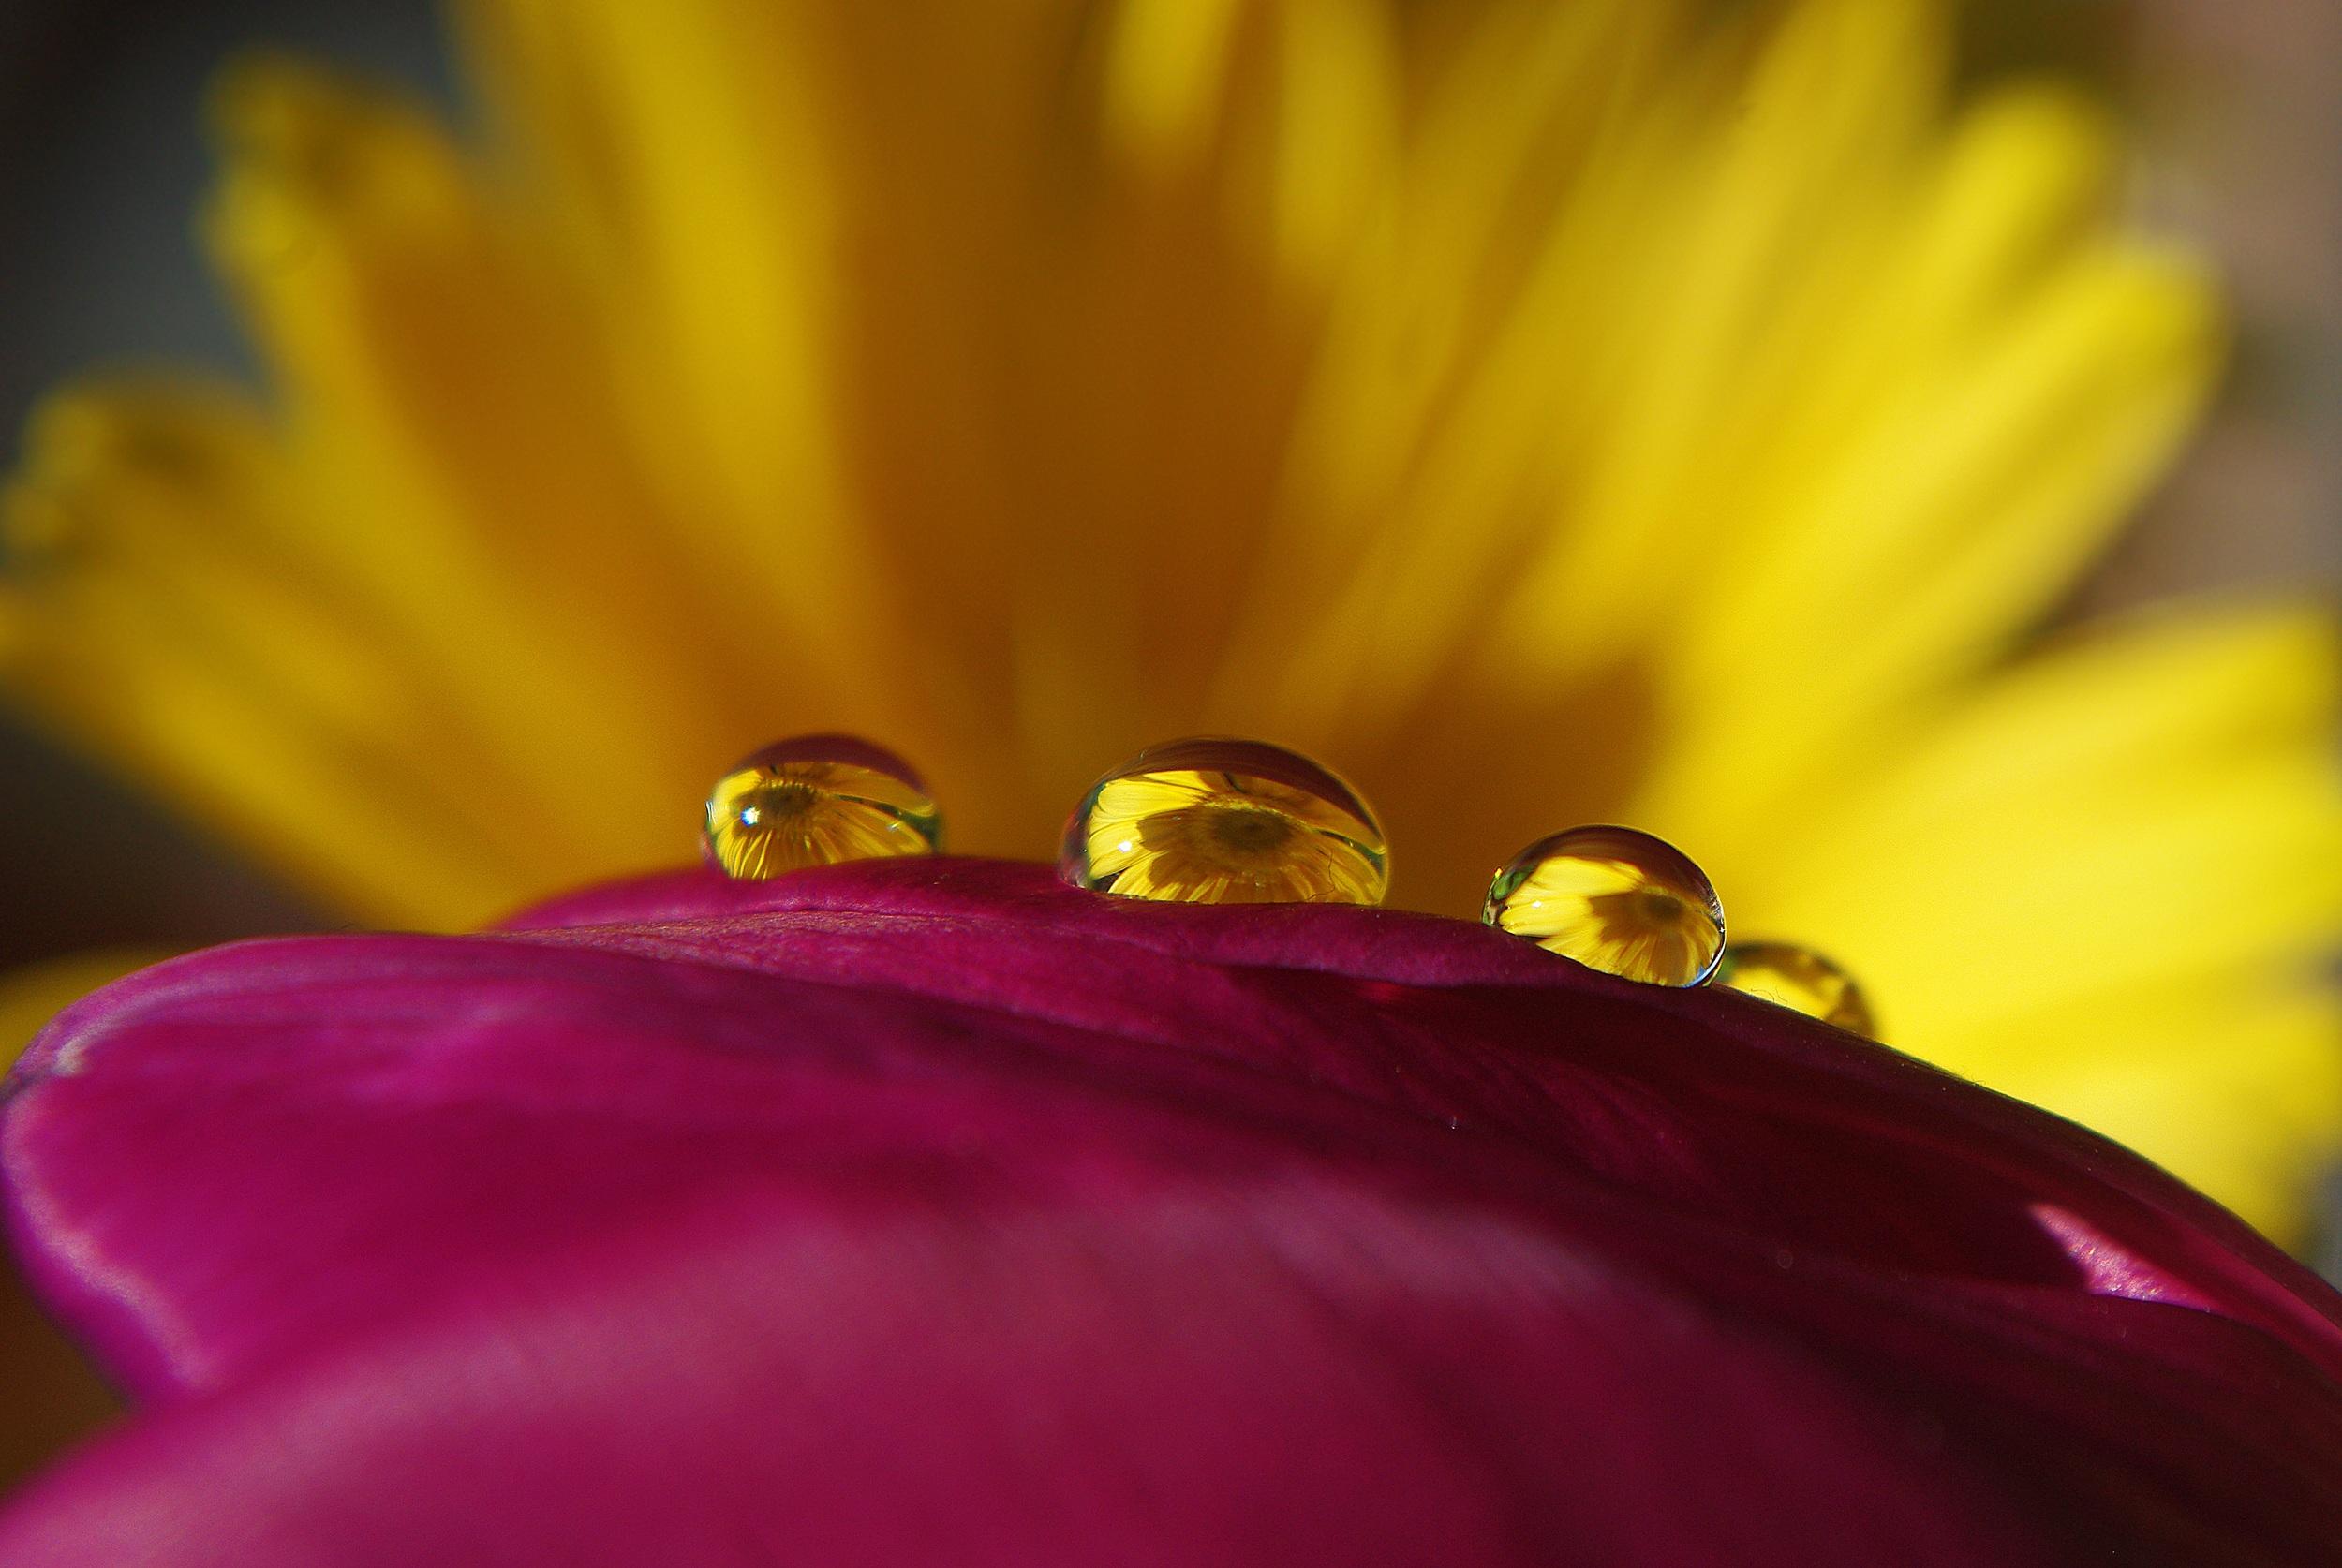 Flower, Beauty, Fresh, Freshness, Nature, HQ Photo